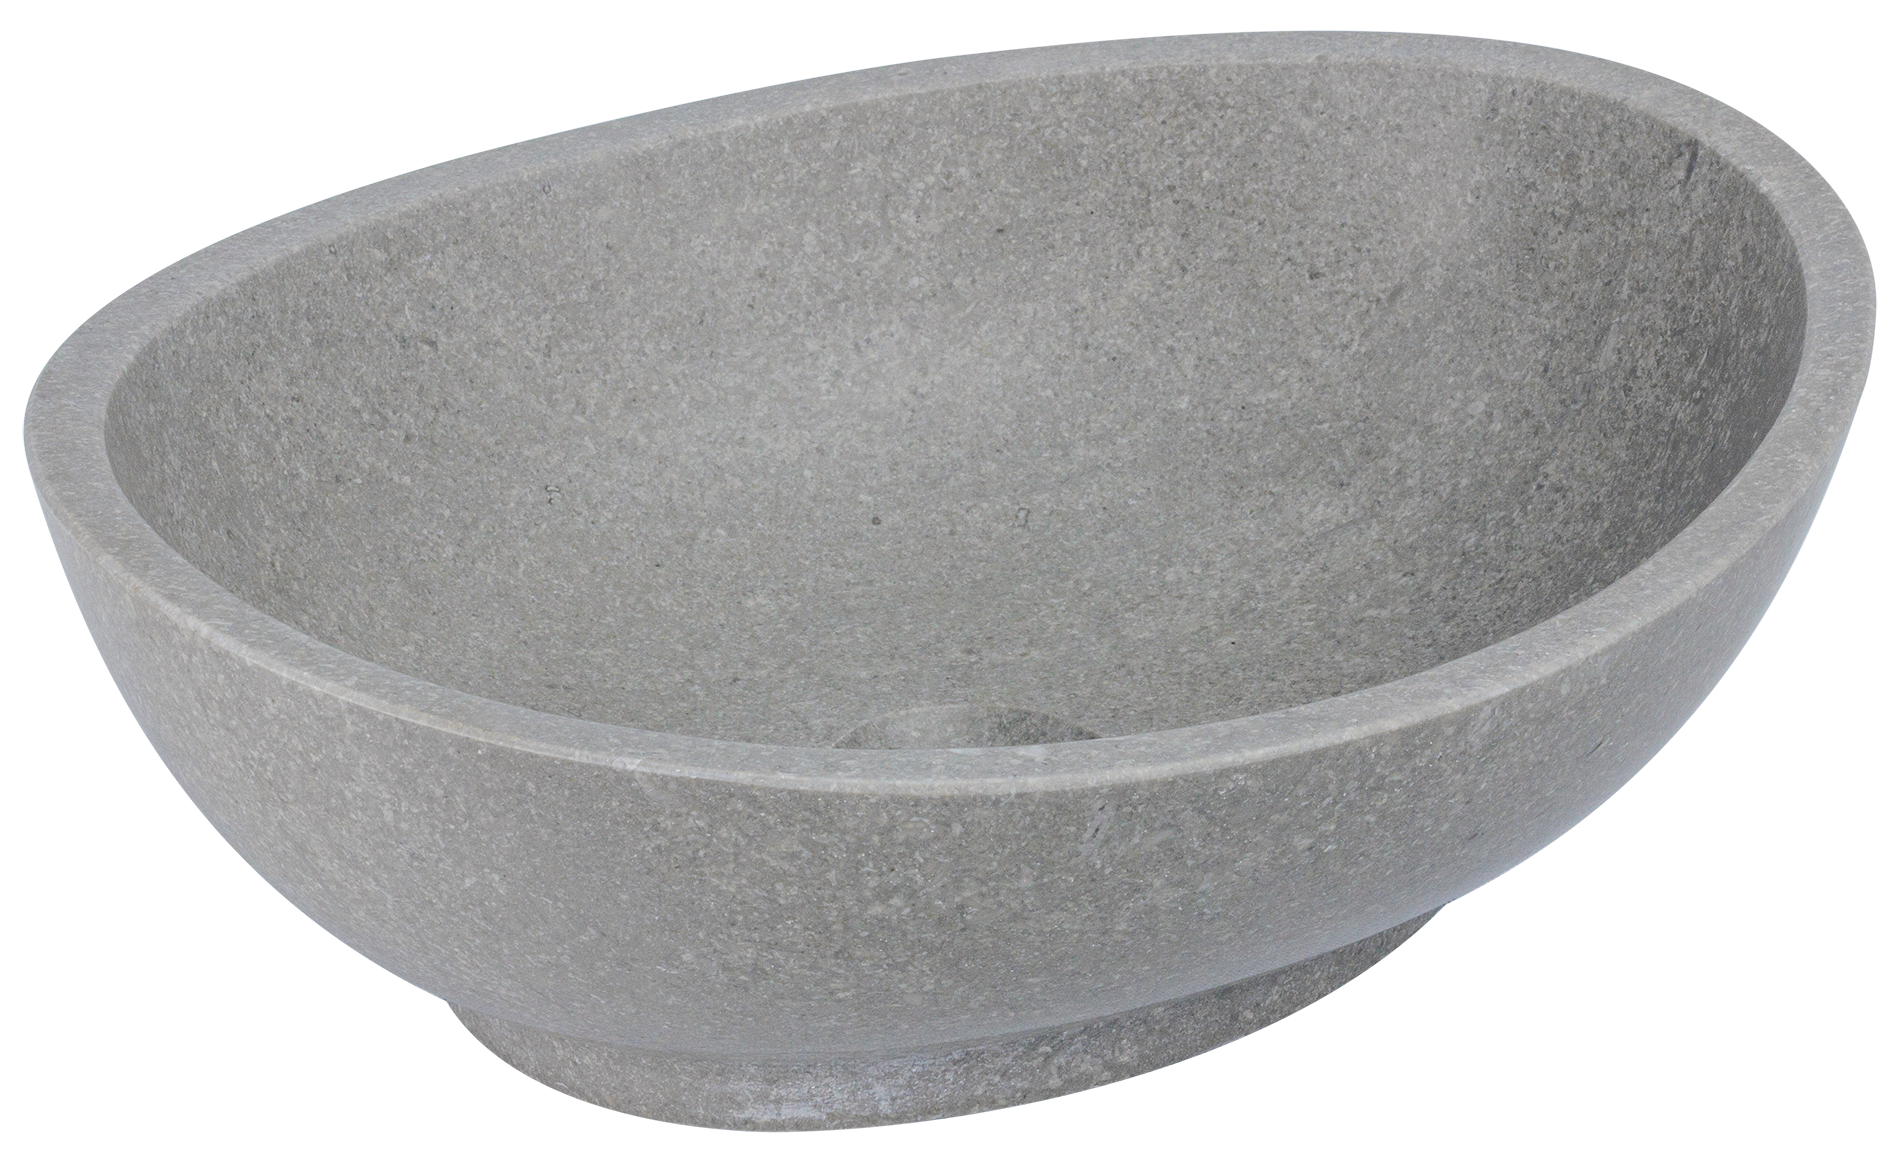 nowoczesna umywalka nablatowa z szarego kamienia naturalnego, marmurowa umywalka ad naturalnie